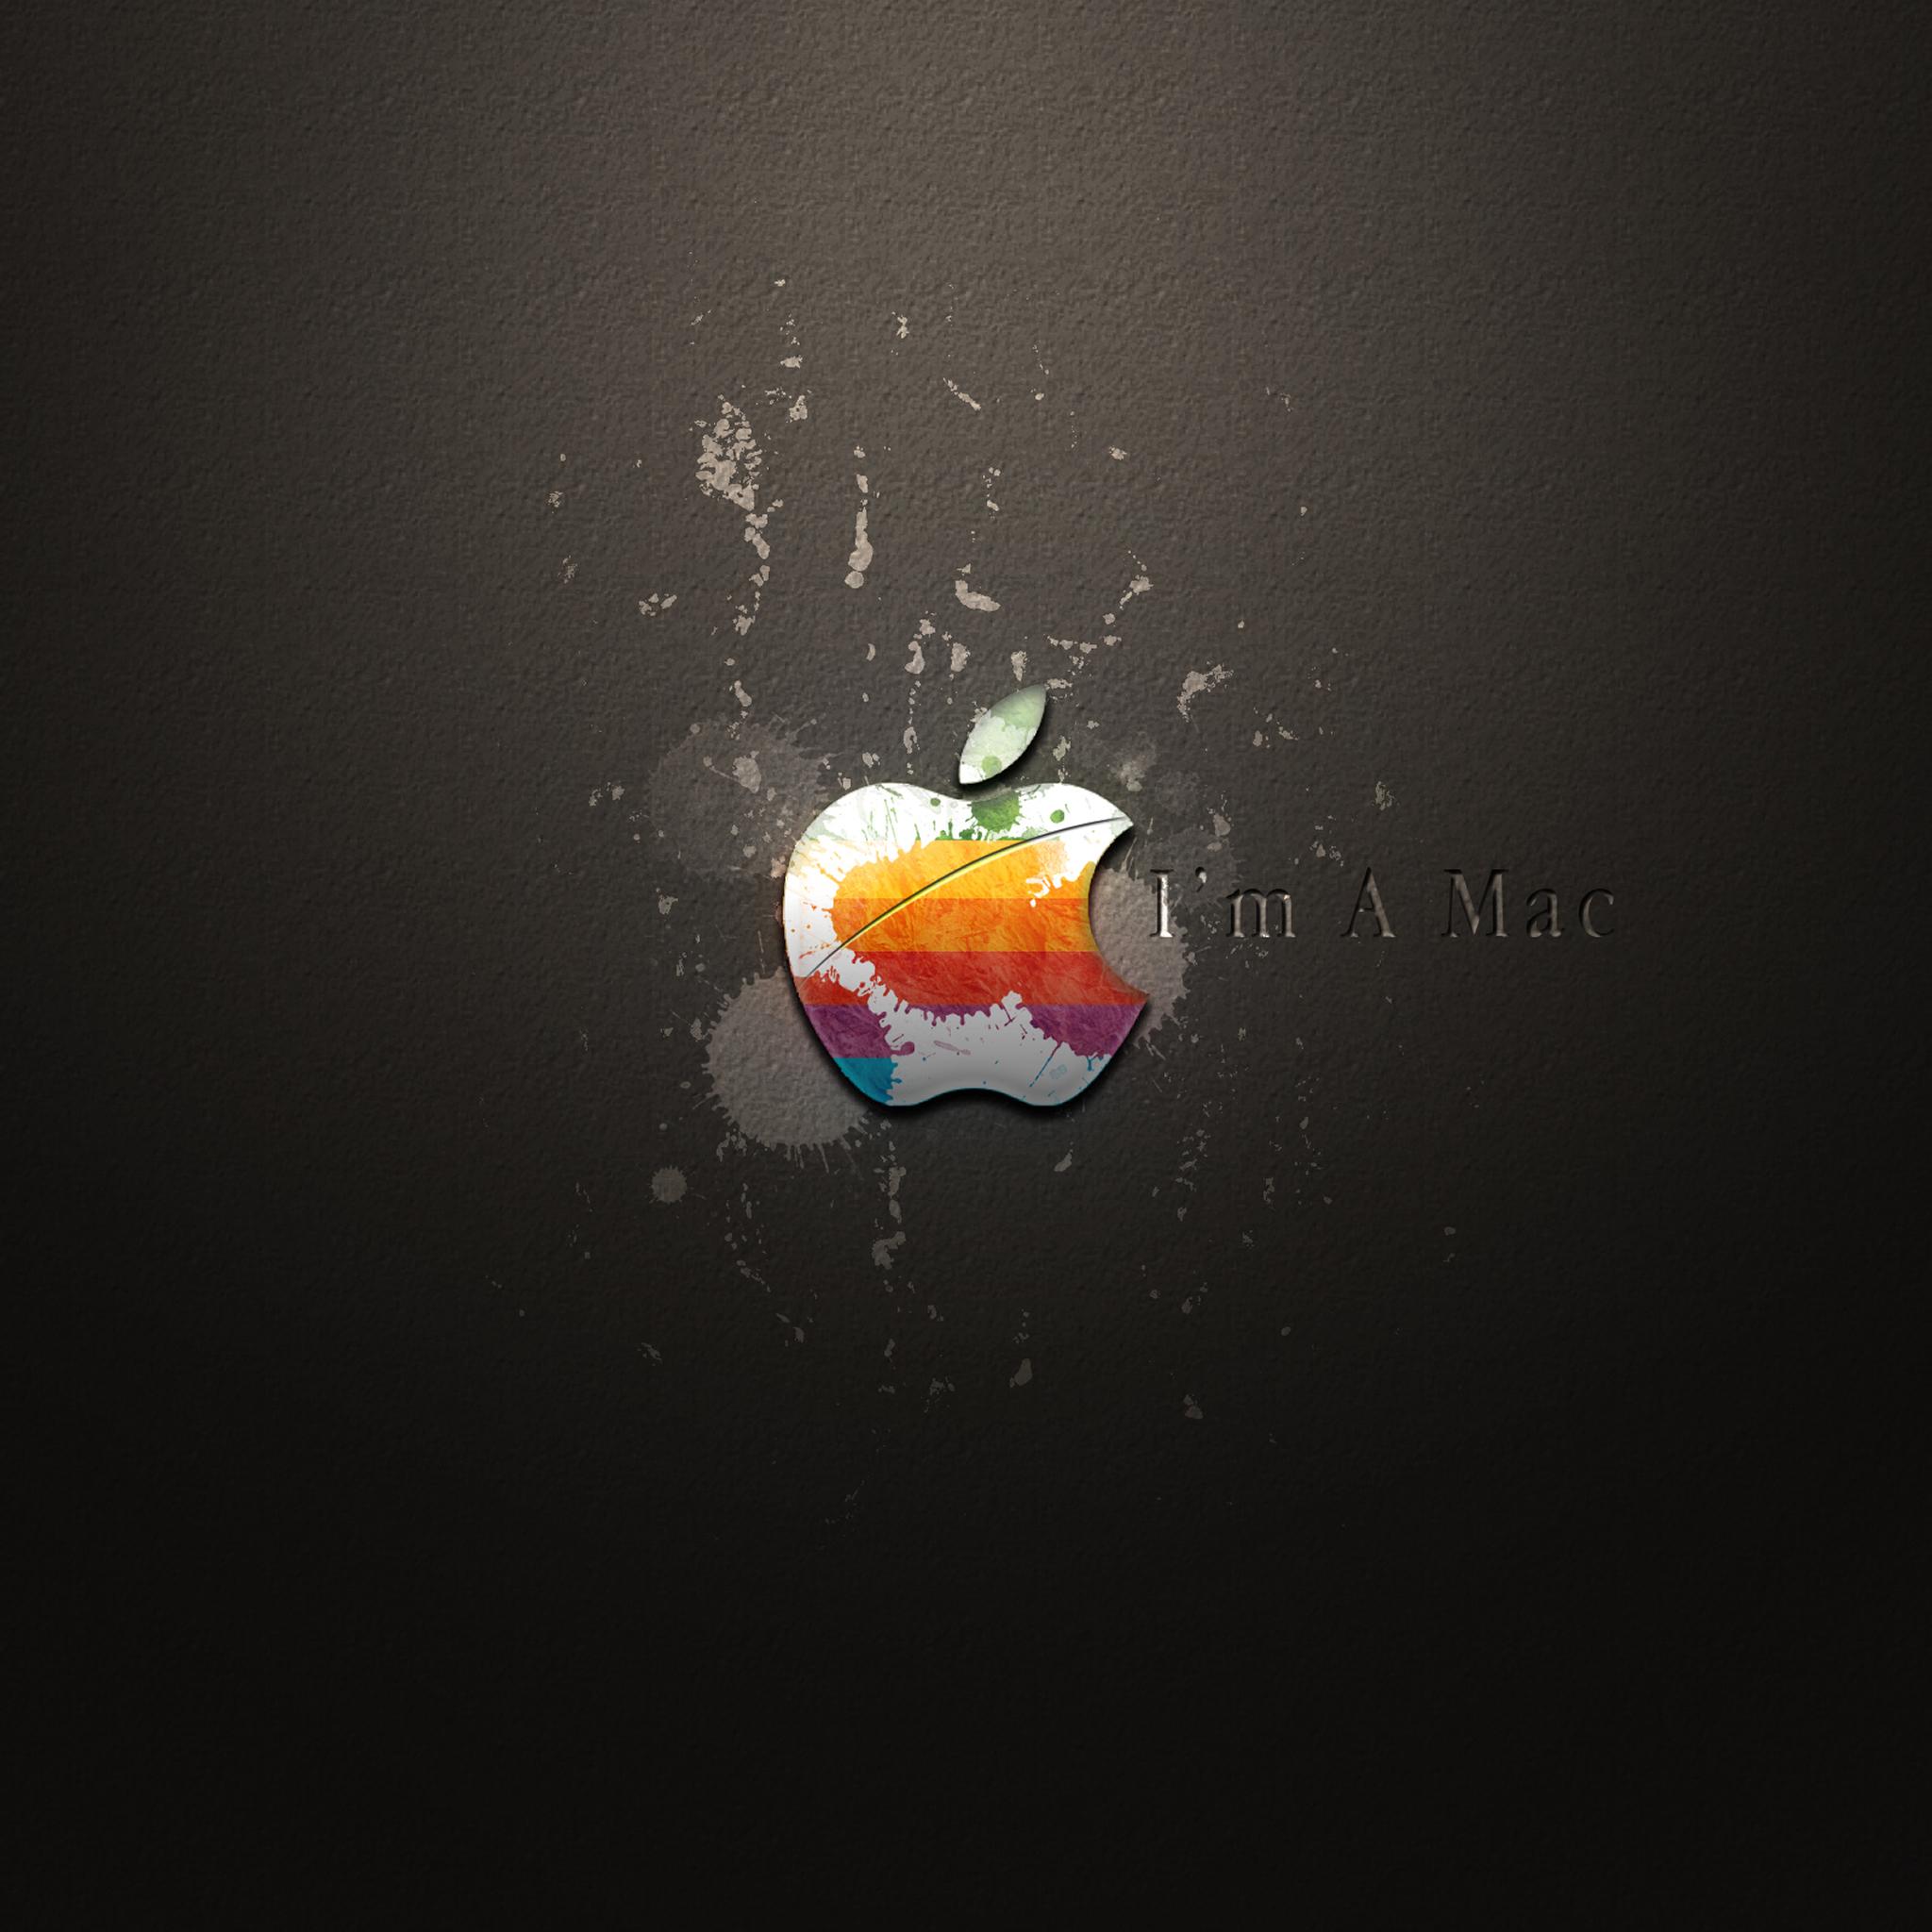 Todays new iPad wallpapers 30032012 new ipad wallpaper hd 2048 2048x2048